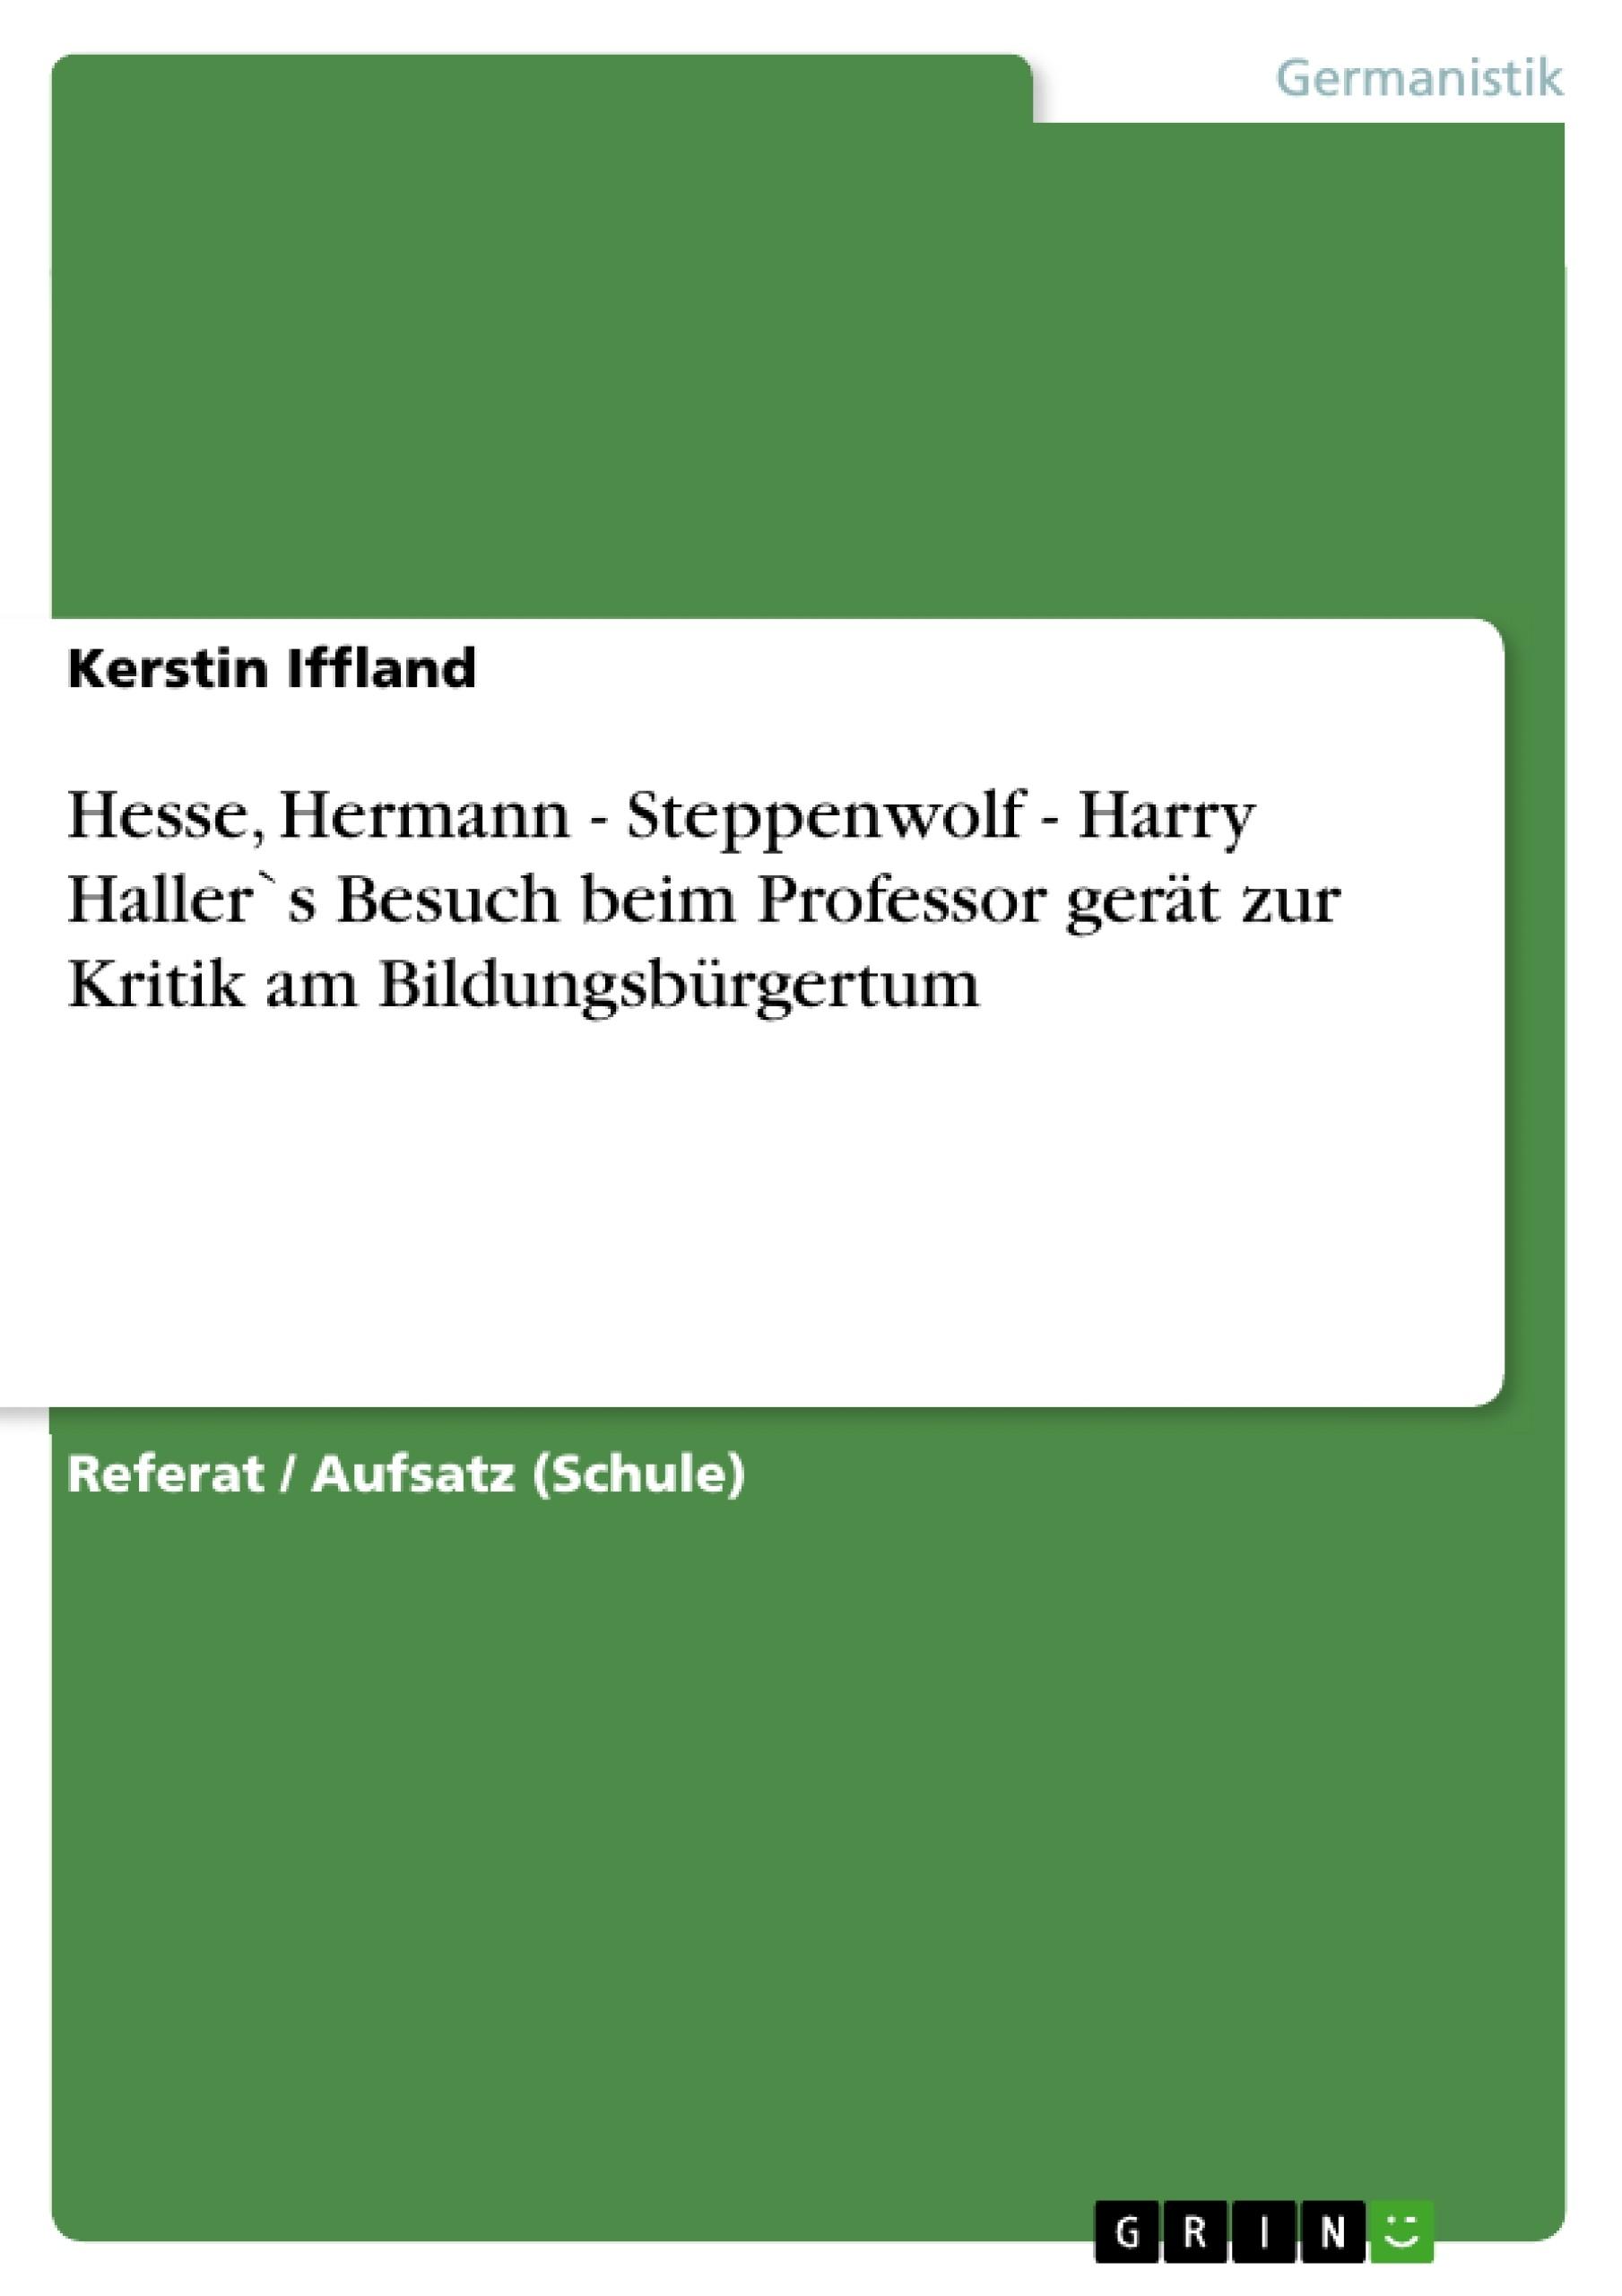 Titel: Hesse, Hermann - Steppenwolf - Harry Haller`s Besuch beim Professor gerät zur Kritik am Bildungsbürgertum